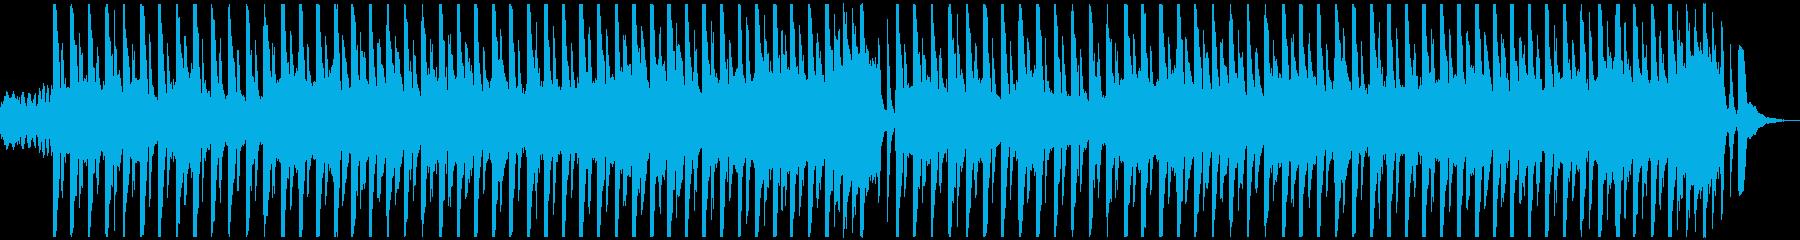 ディズニー風のBGMの再生済みの波形